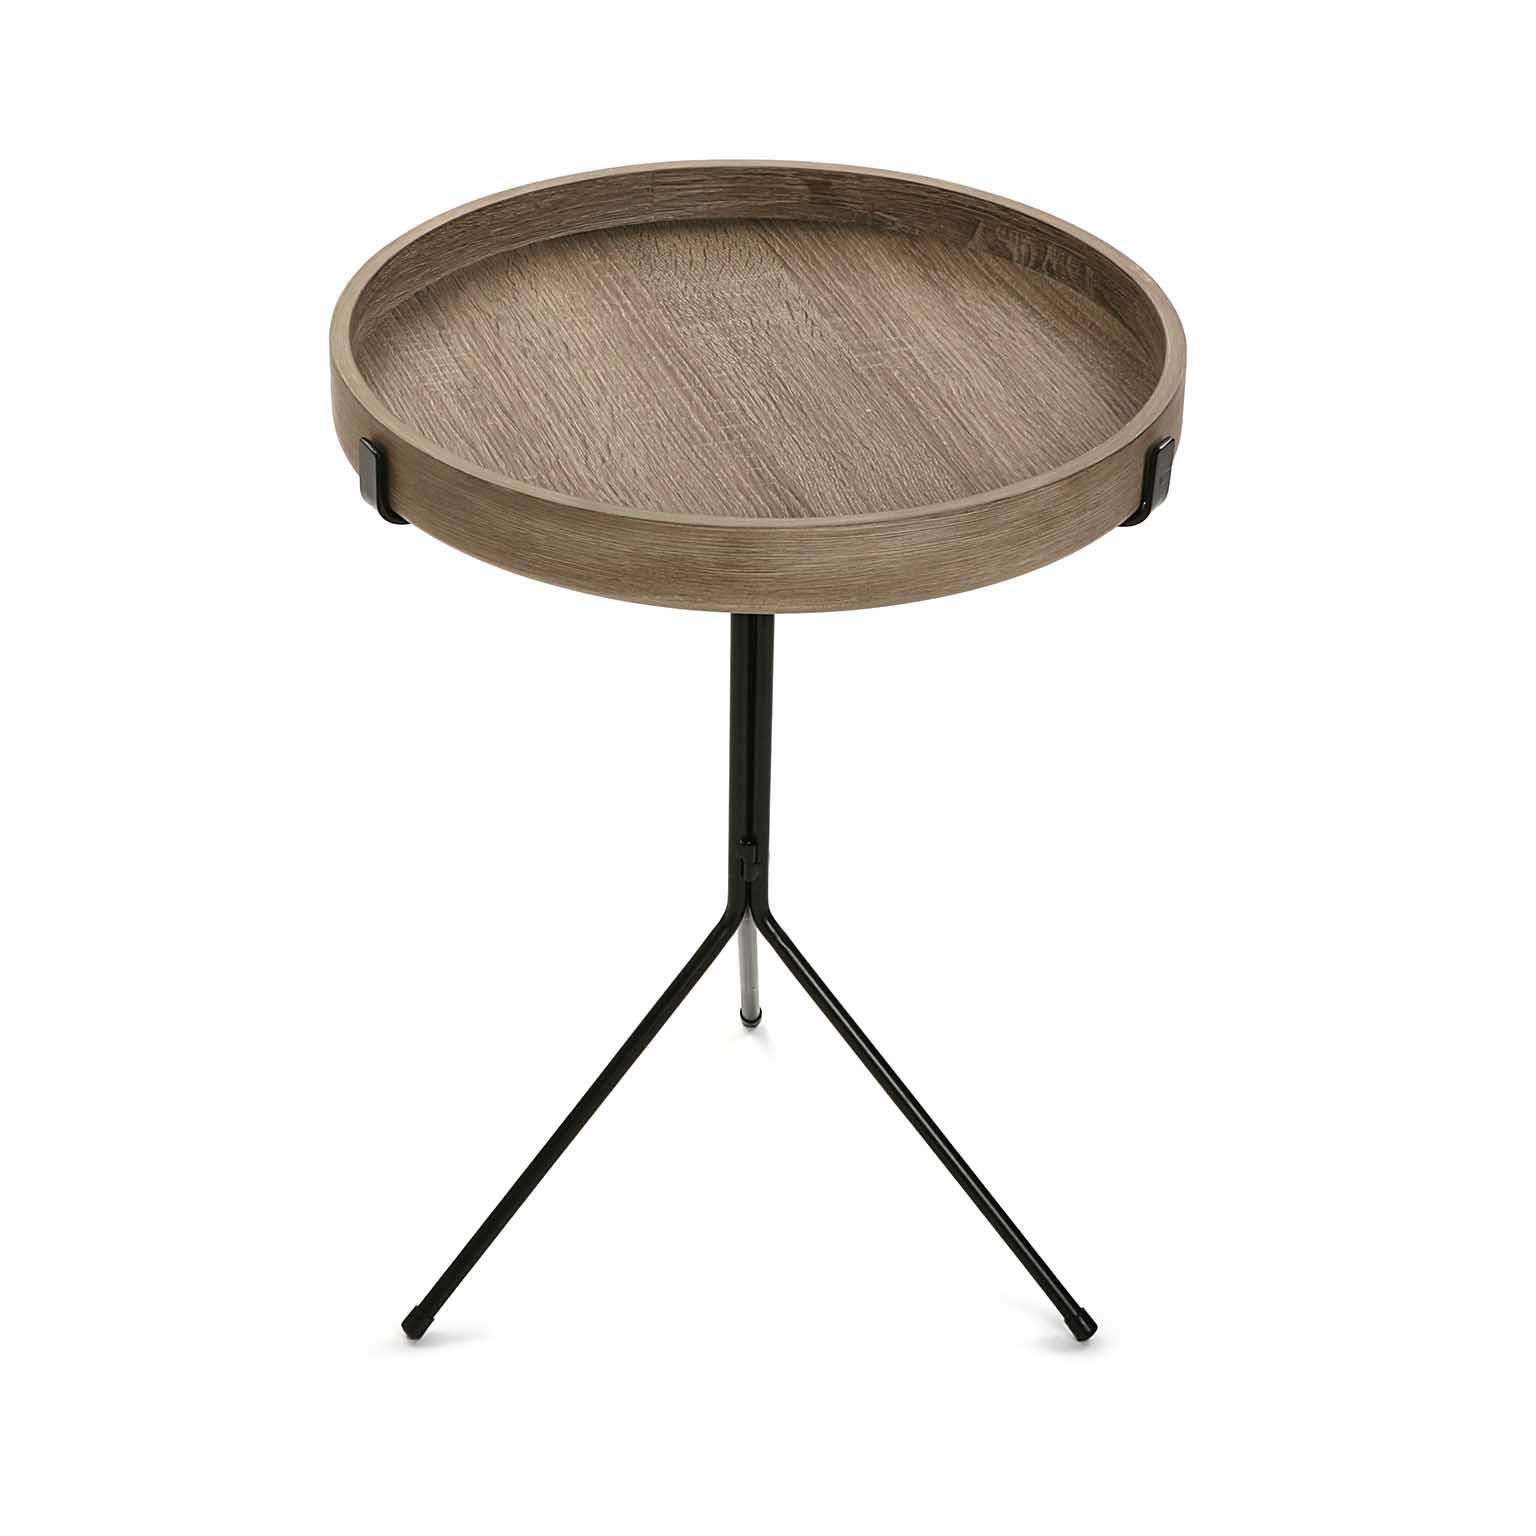 Bout De Canapé Table De Chevet Plateau Rond En Bois Et Pied